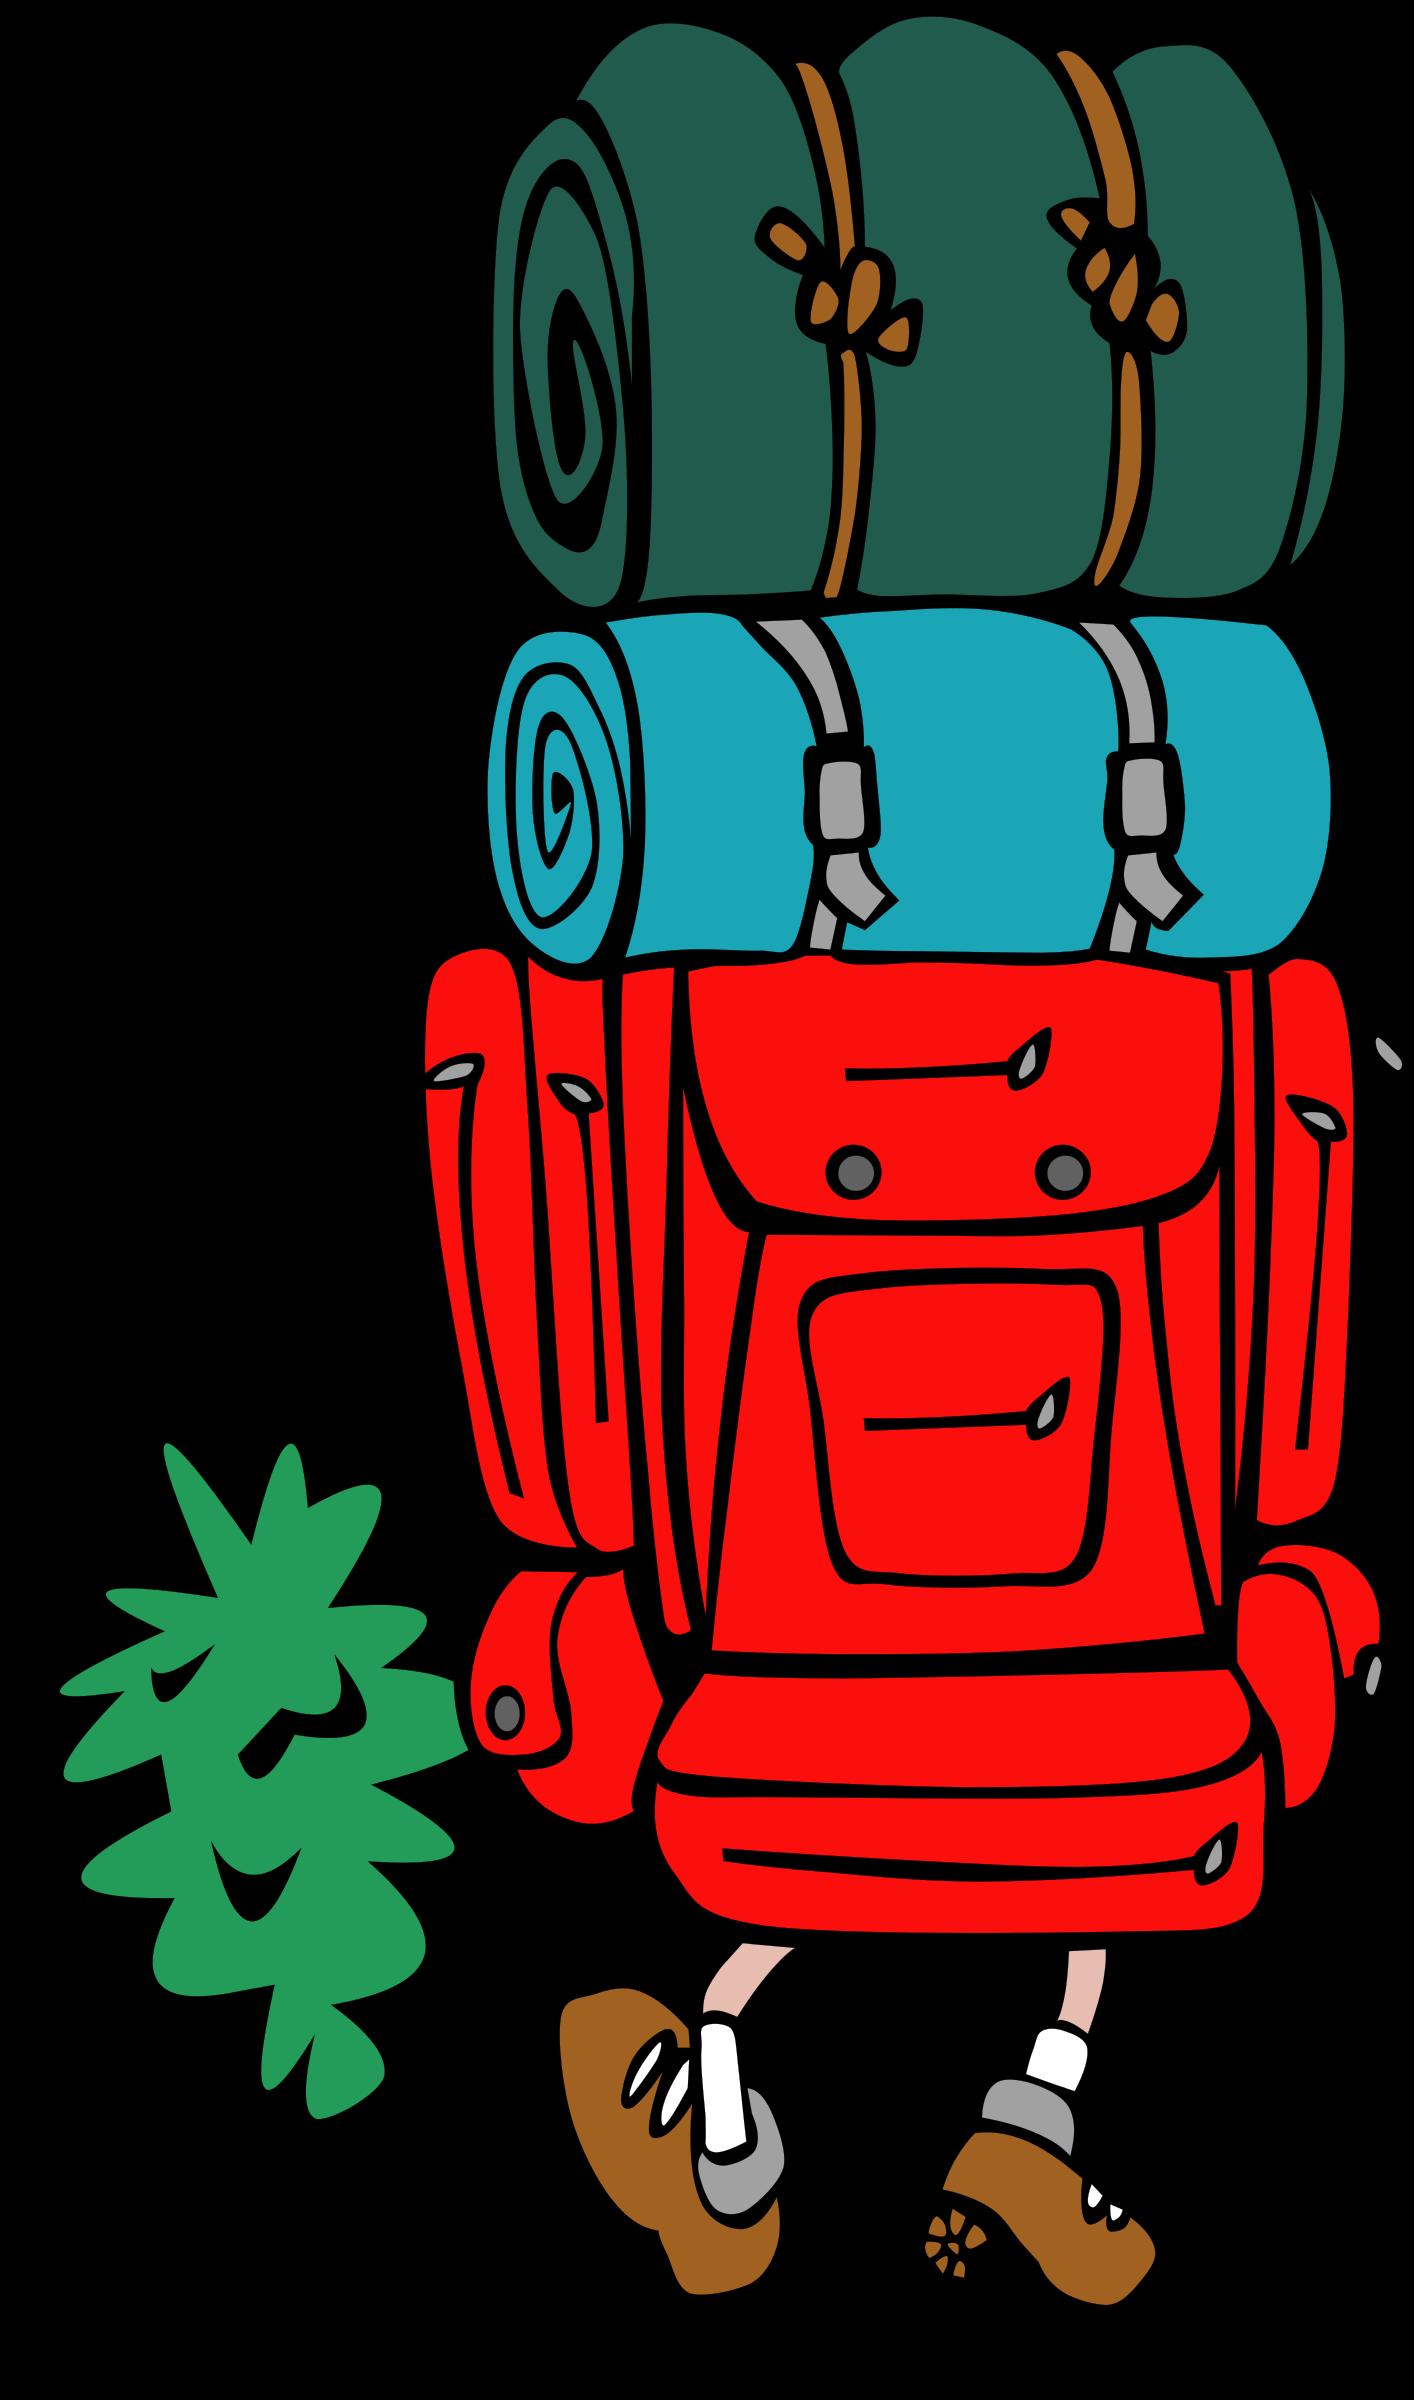 Clipart backpack back pack, Clipart backpack back pack.